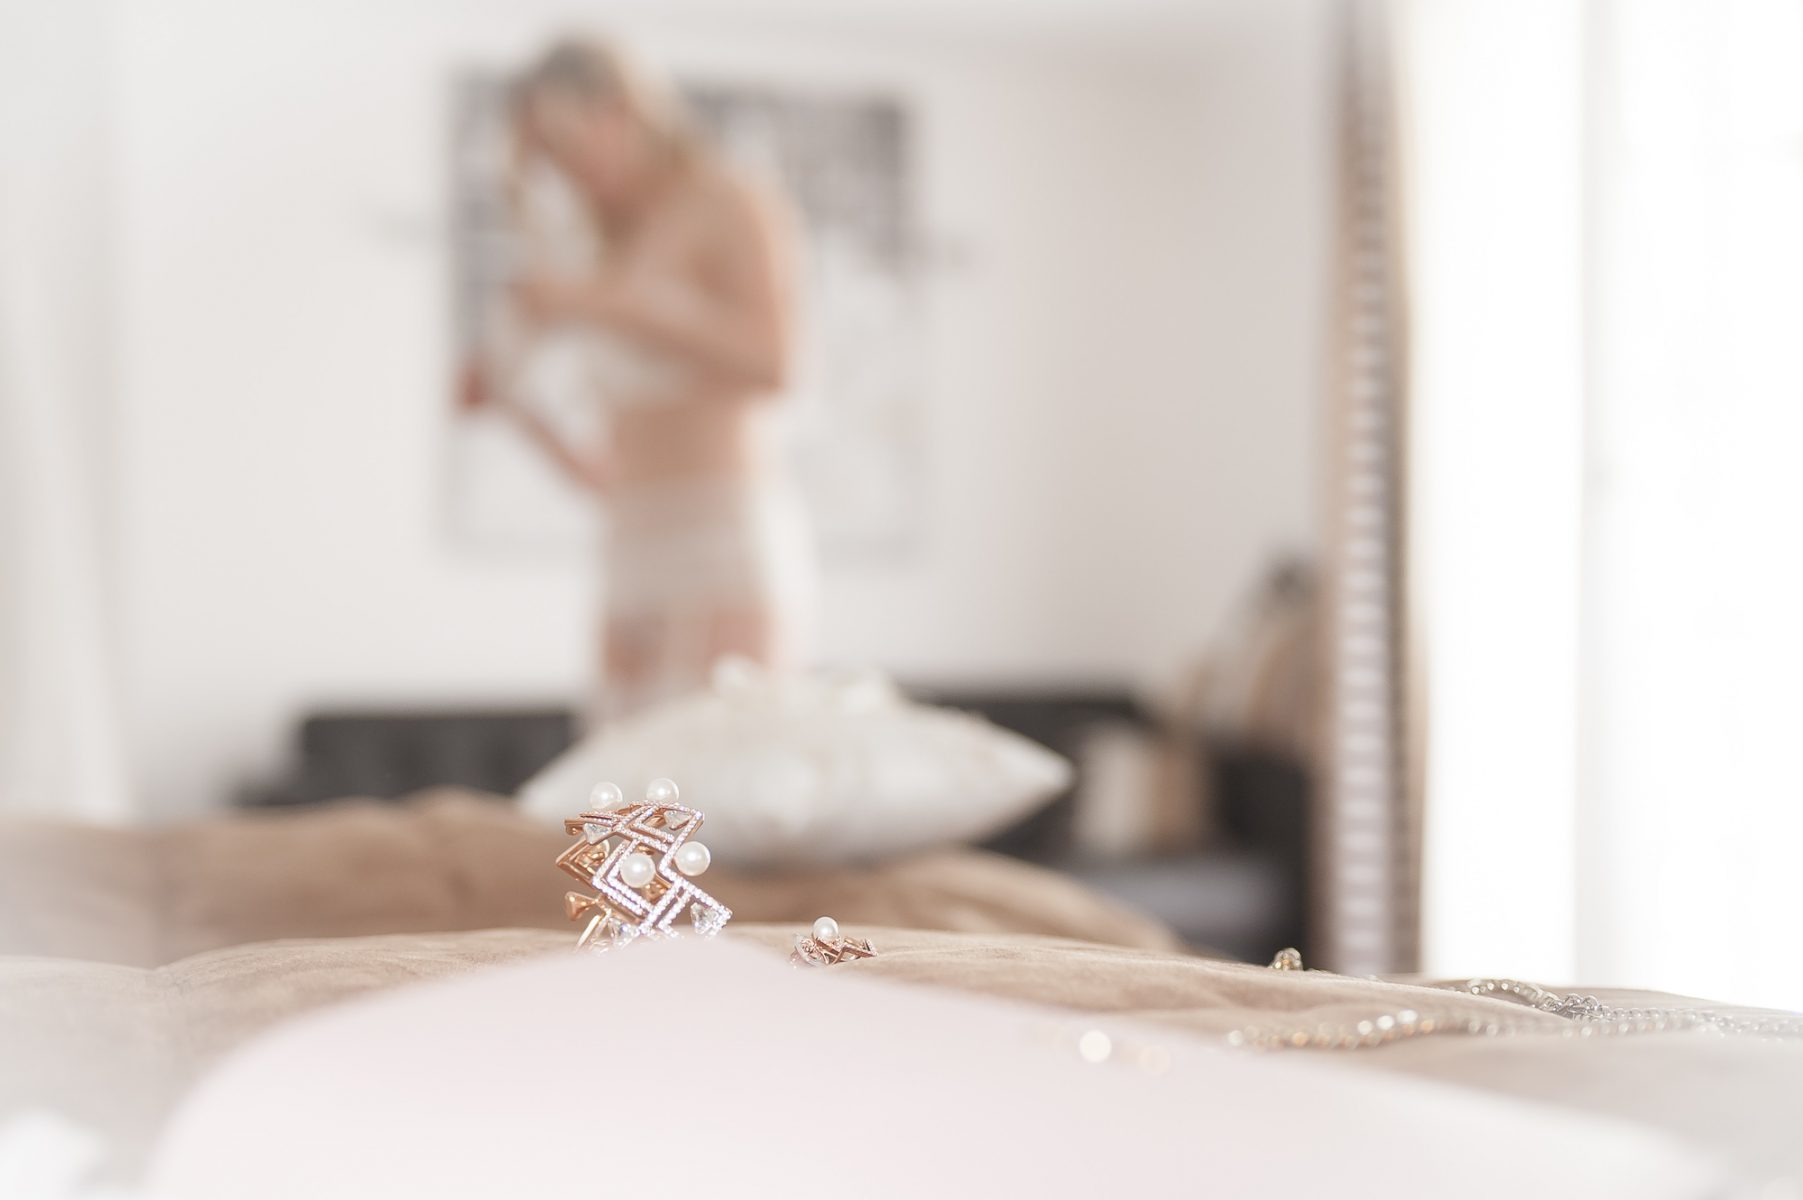 Hochzeit B2000  224990 1803x1200 - DAVOR